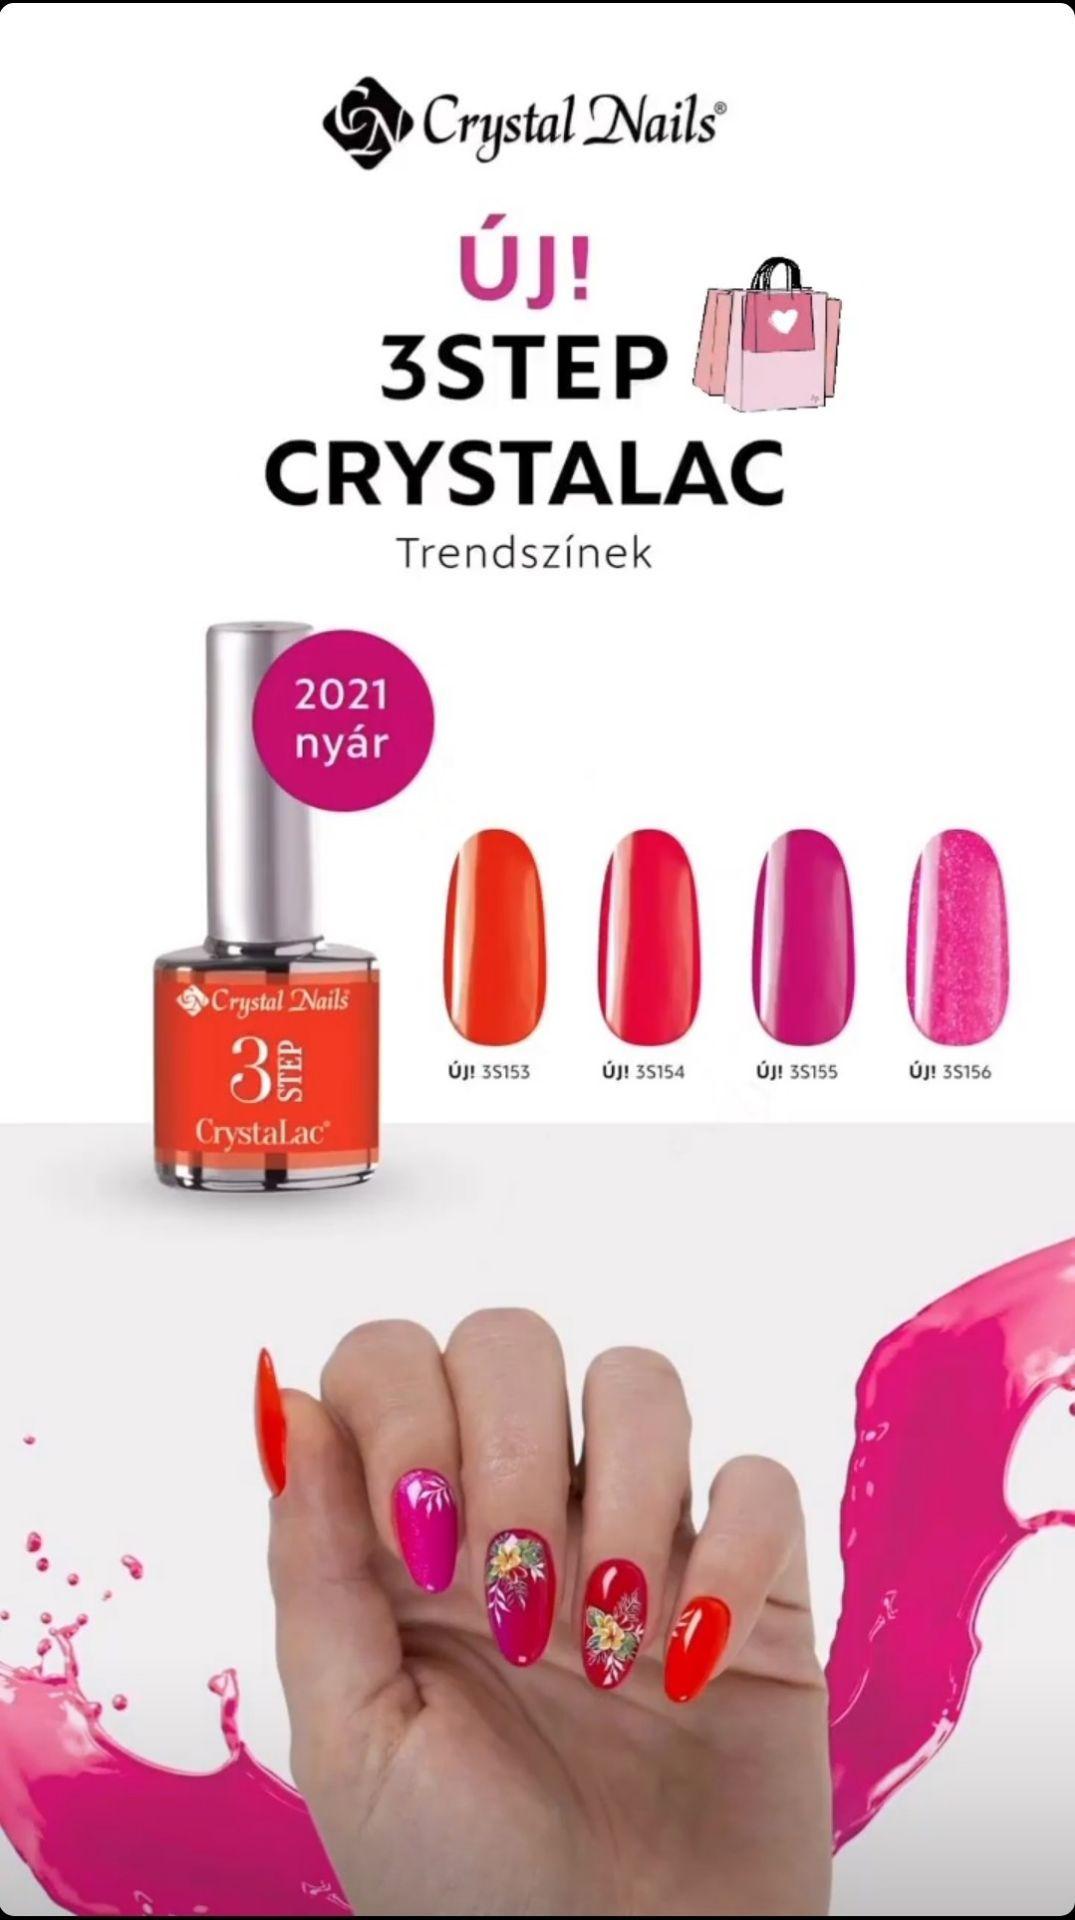 Crystal Nails 2021 Nyár új 3Step CrystaLac-ok